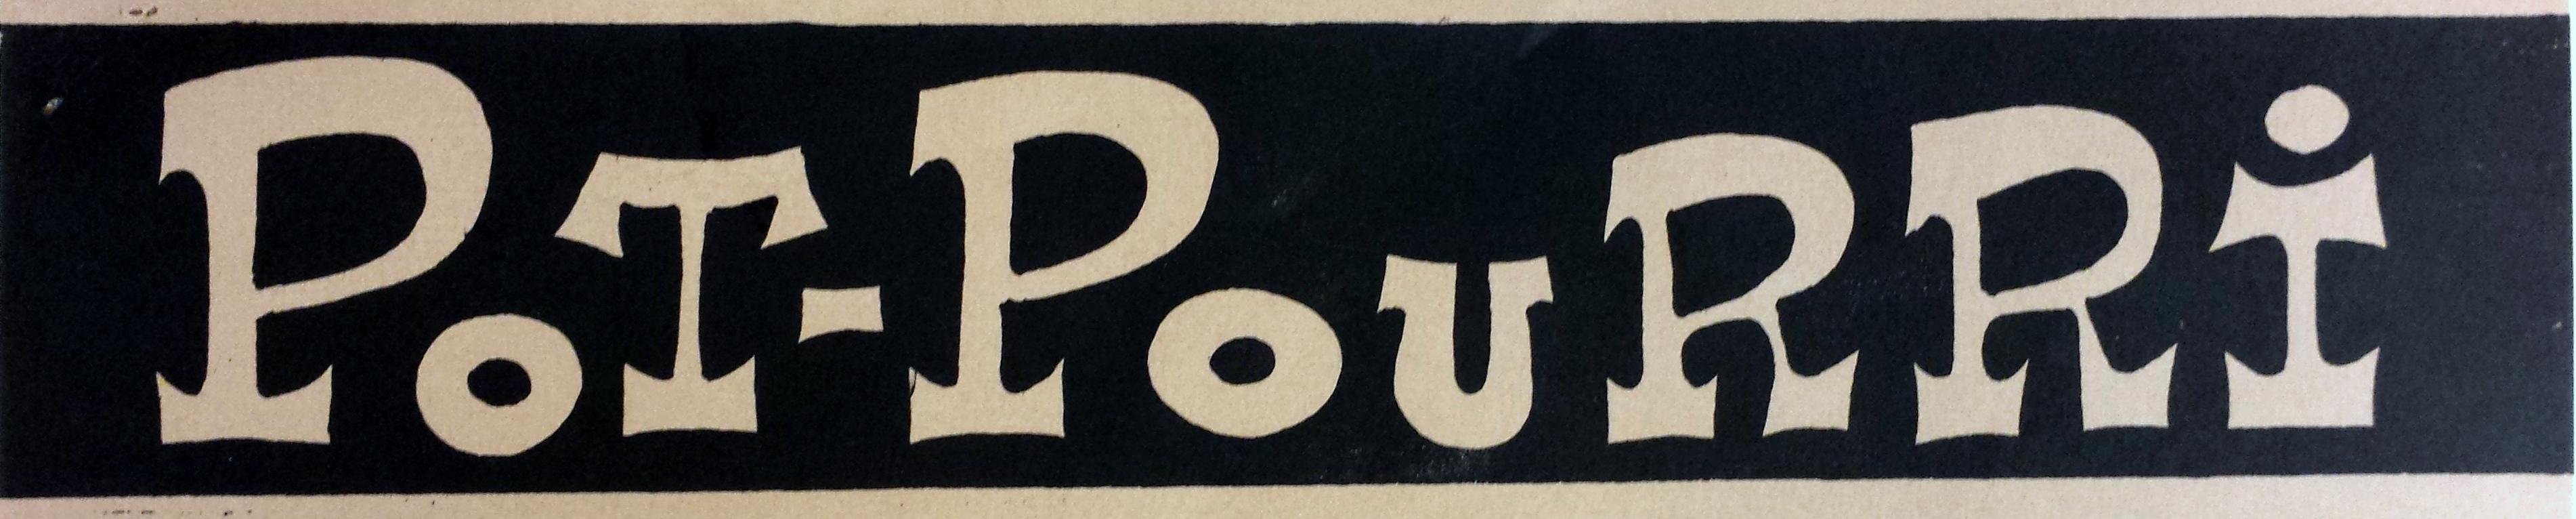 PoT-PouRRi letterhead.